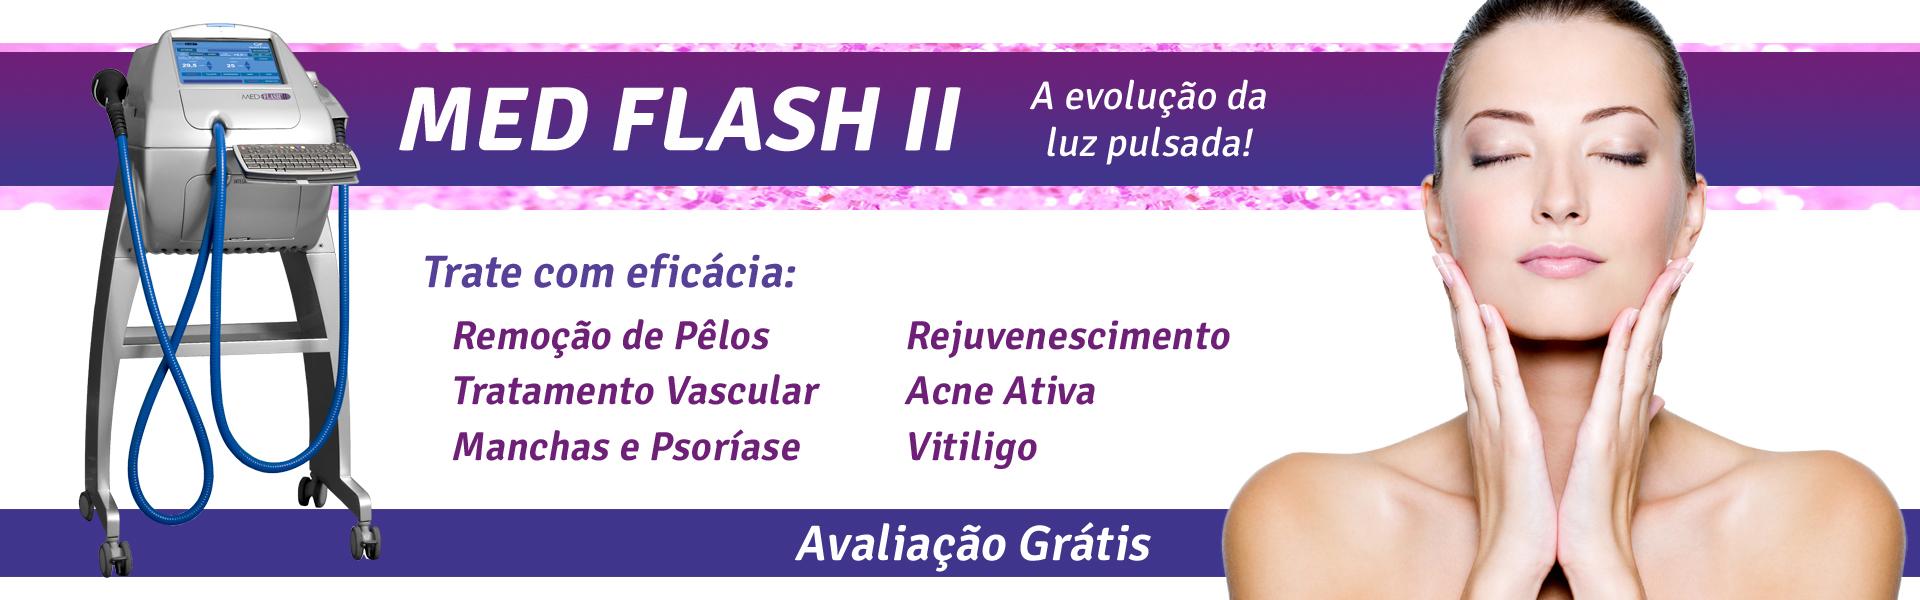 Med Flesh II: A evolução da luz pulsada na beleza da sua pele